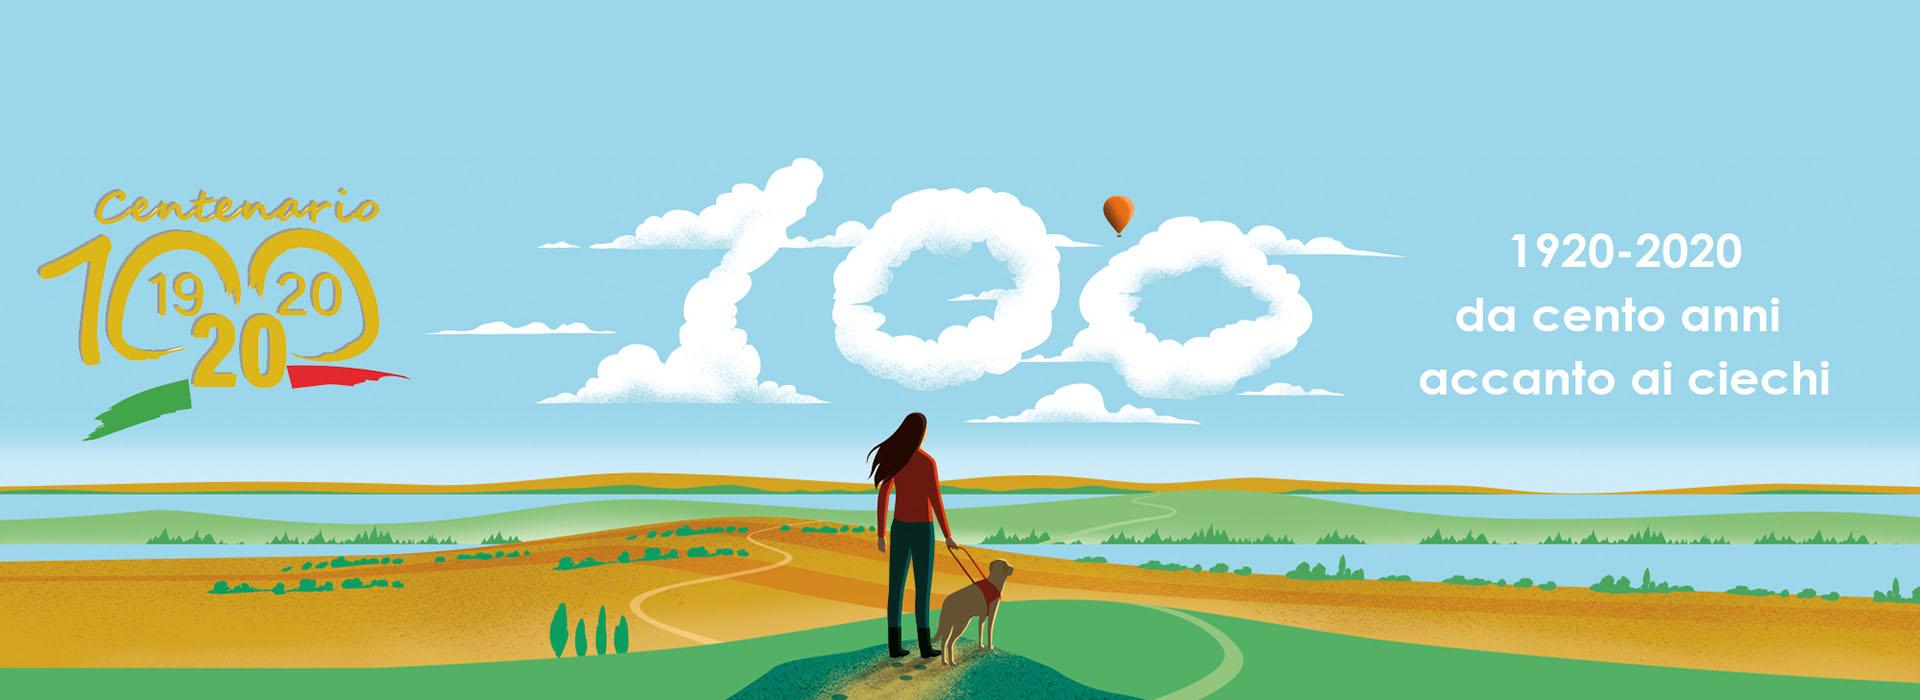 Immagine grafica di donna di spalle con cane guida immersata in un paesaggio collinare. Ai lati Logo dell'Unione italiana ciechie e ipovedenti e del Centenario dell'Associazione